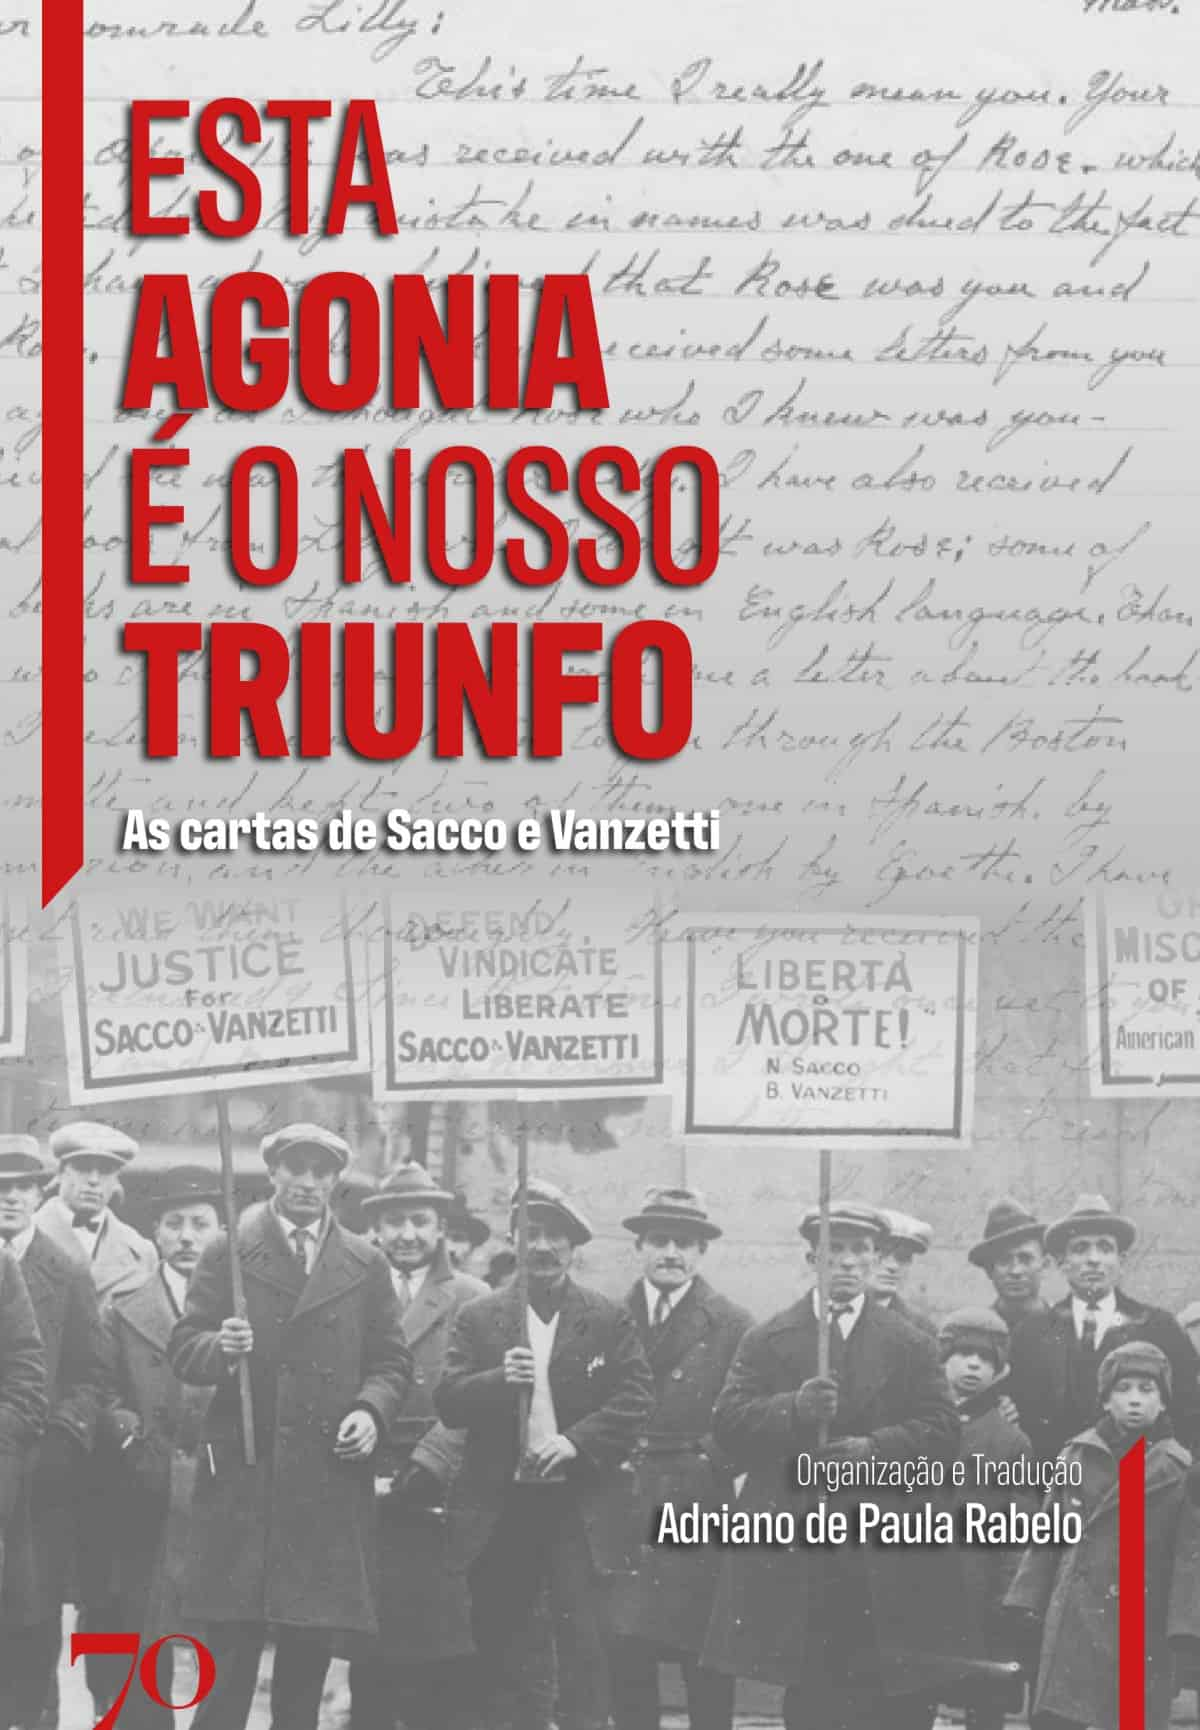 Foto 1 - Esta agonia é o nosso Triunfo - As cartas de Sacco e Vanzetti